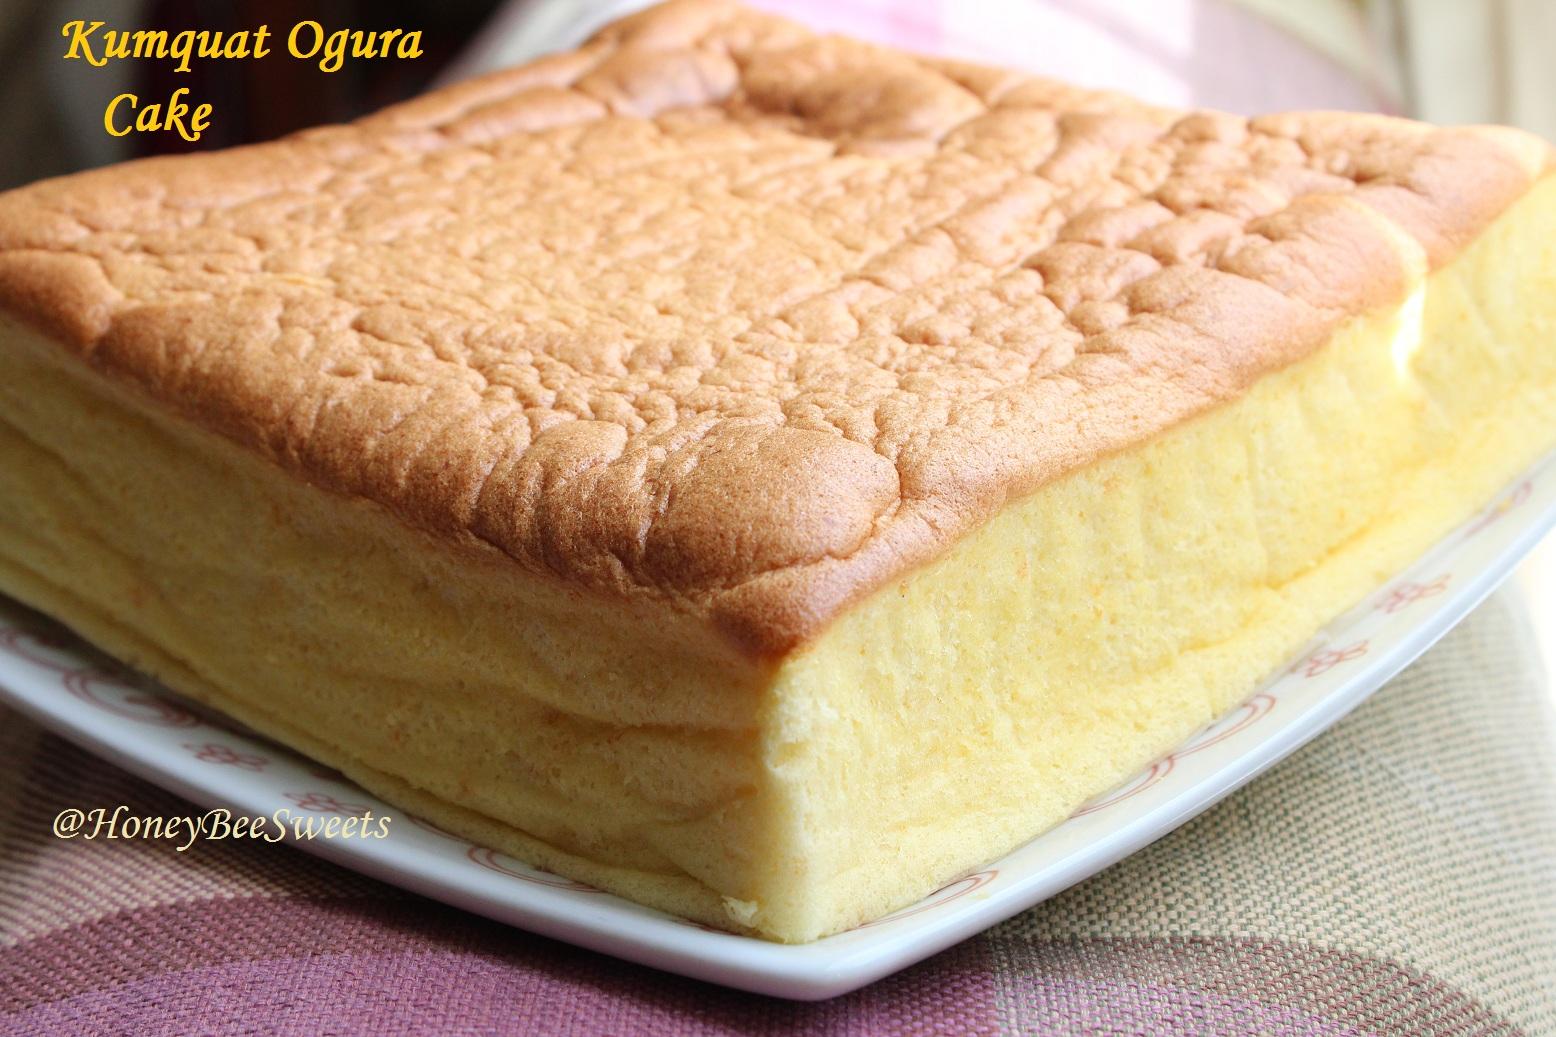 Honey Bee Sweets Kumquat Banana Chocolate Chip Ogura Cake